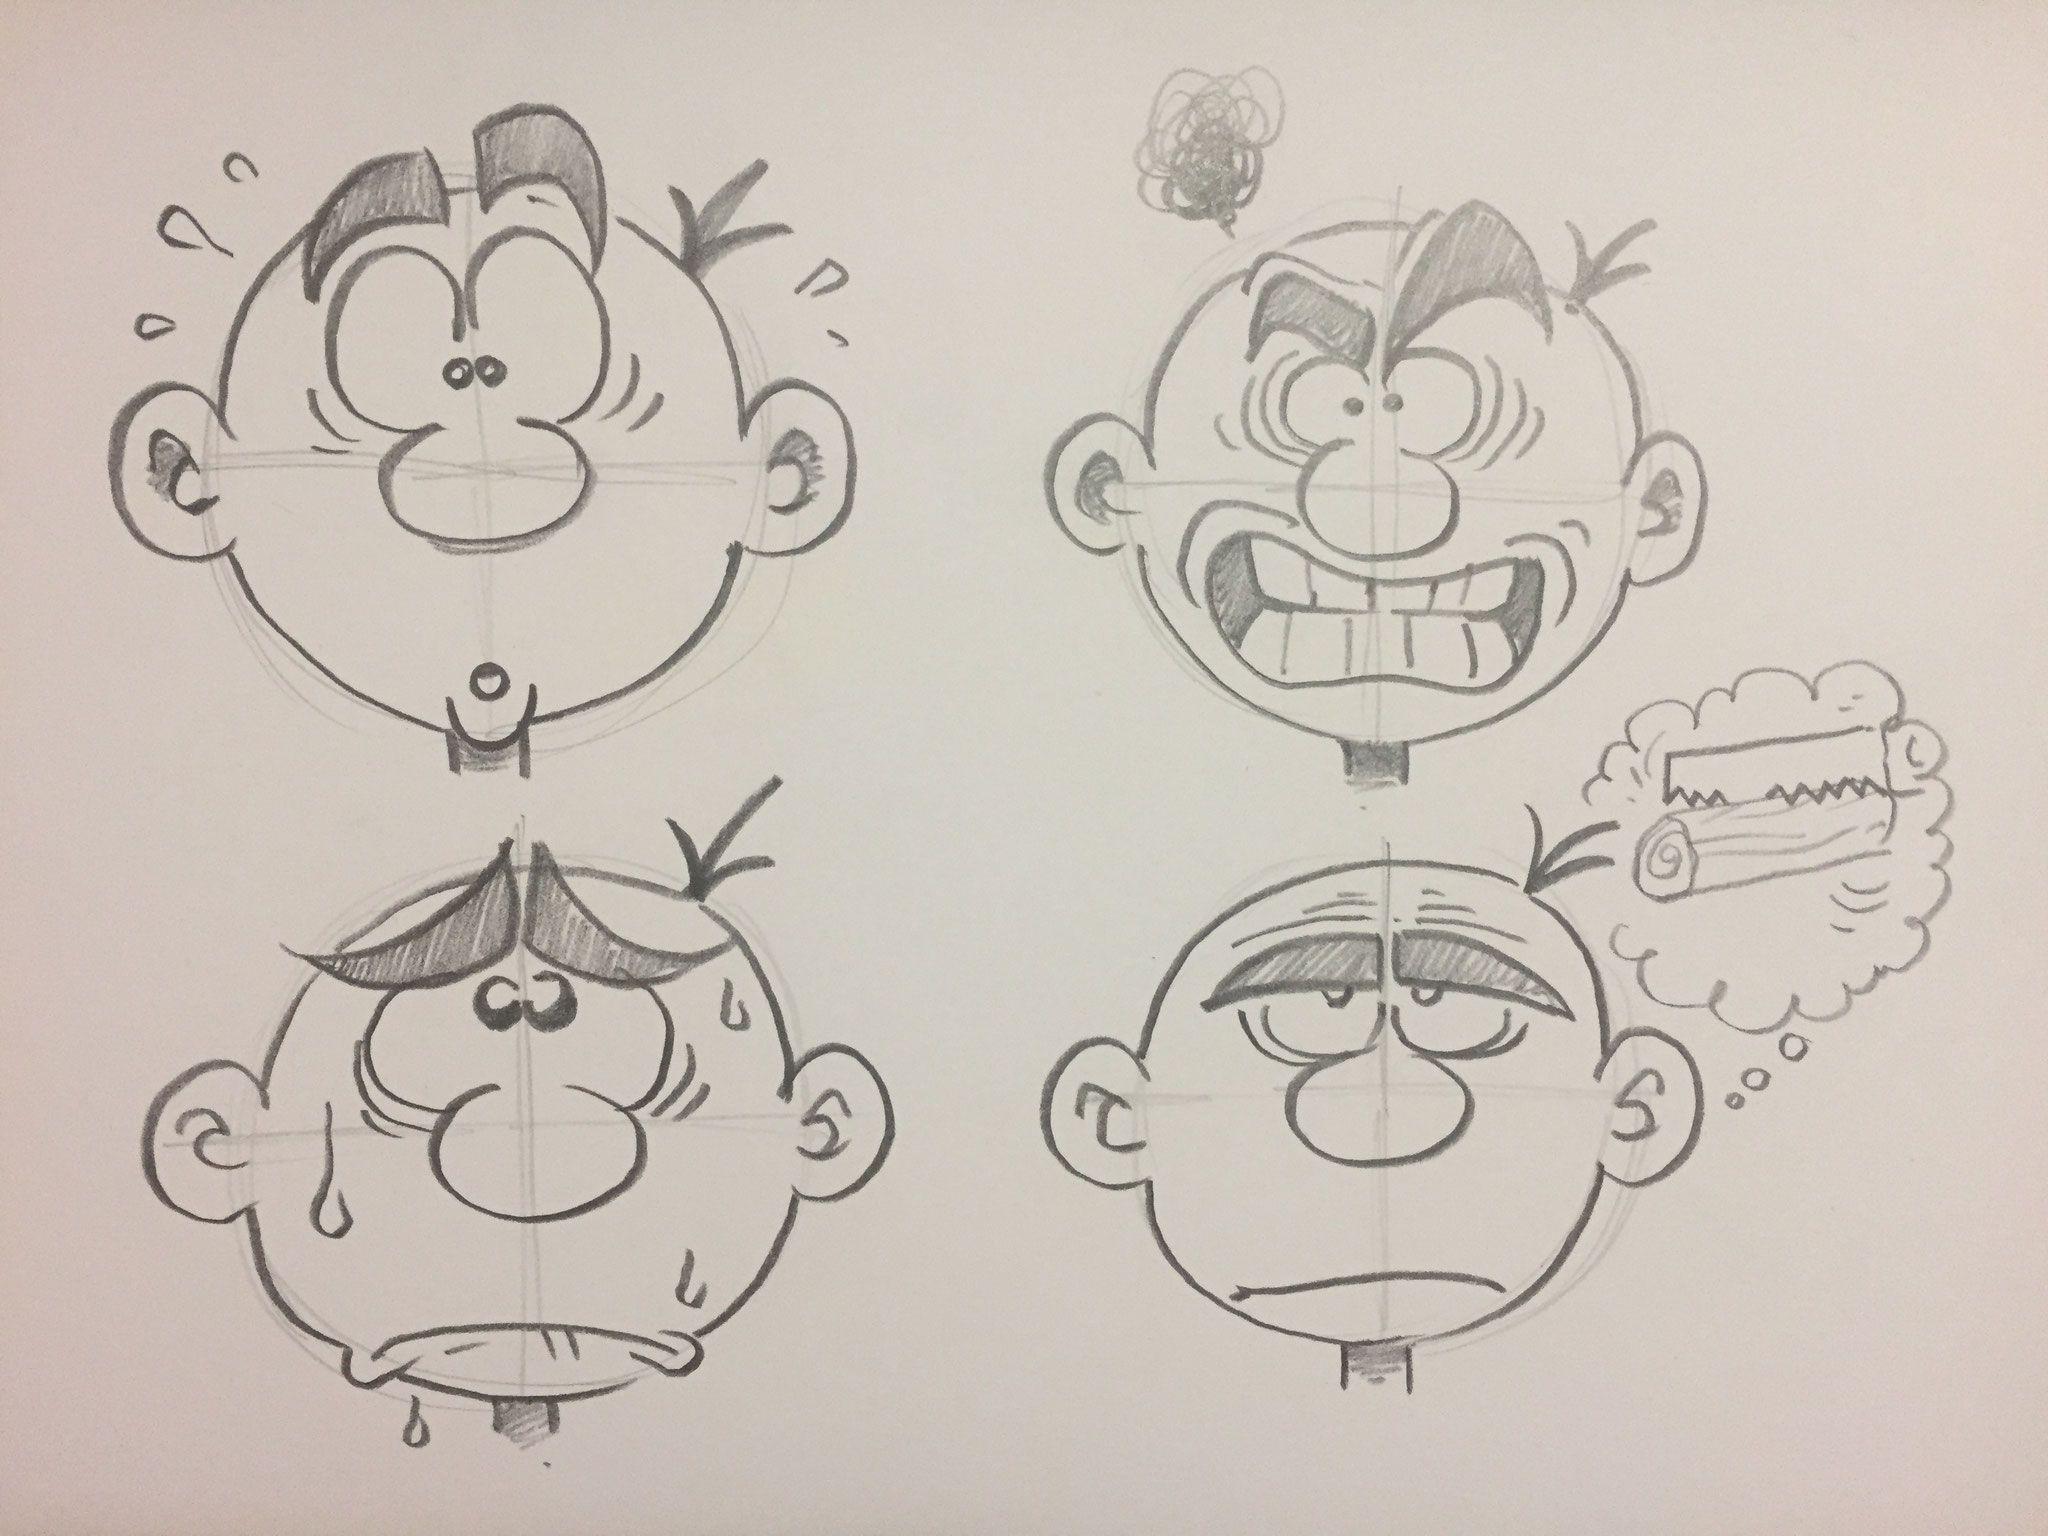 Descarga Gratis El Glosario Toon Para Tus Prácticas De Caricatura Página Web De Ivanevsky Dibujo De Caricaturas Creación De Personaje Dibujos